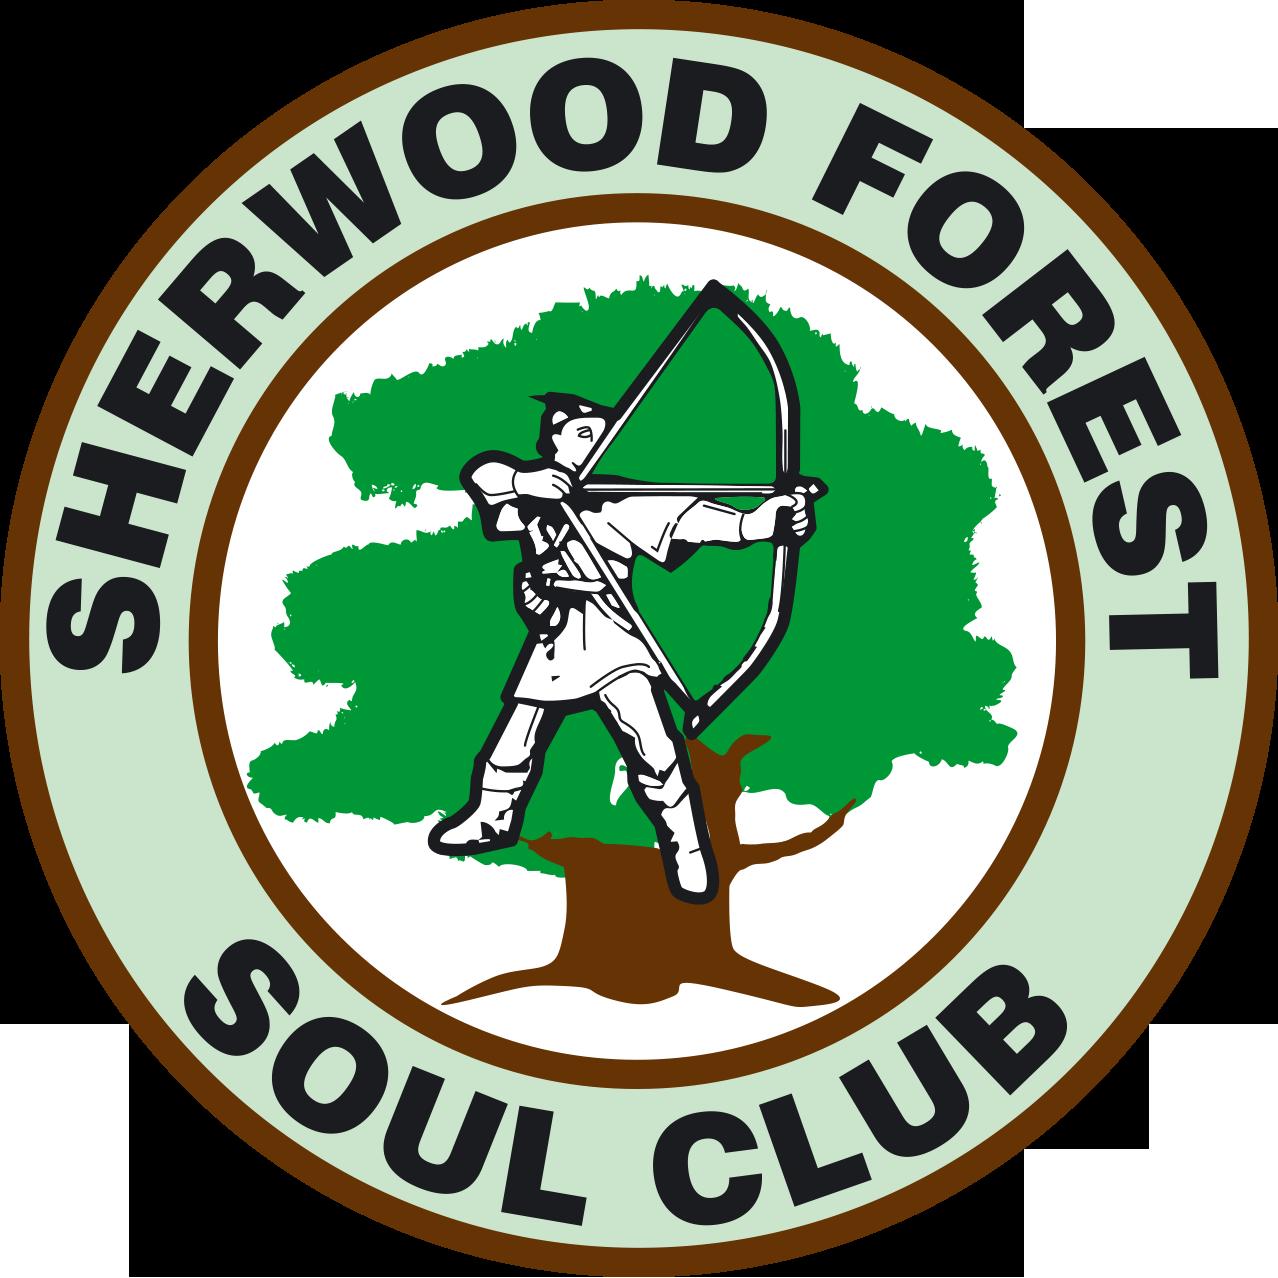 Sherwood Forest Soul Club Bilsthorpe flyer